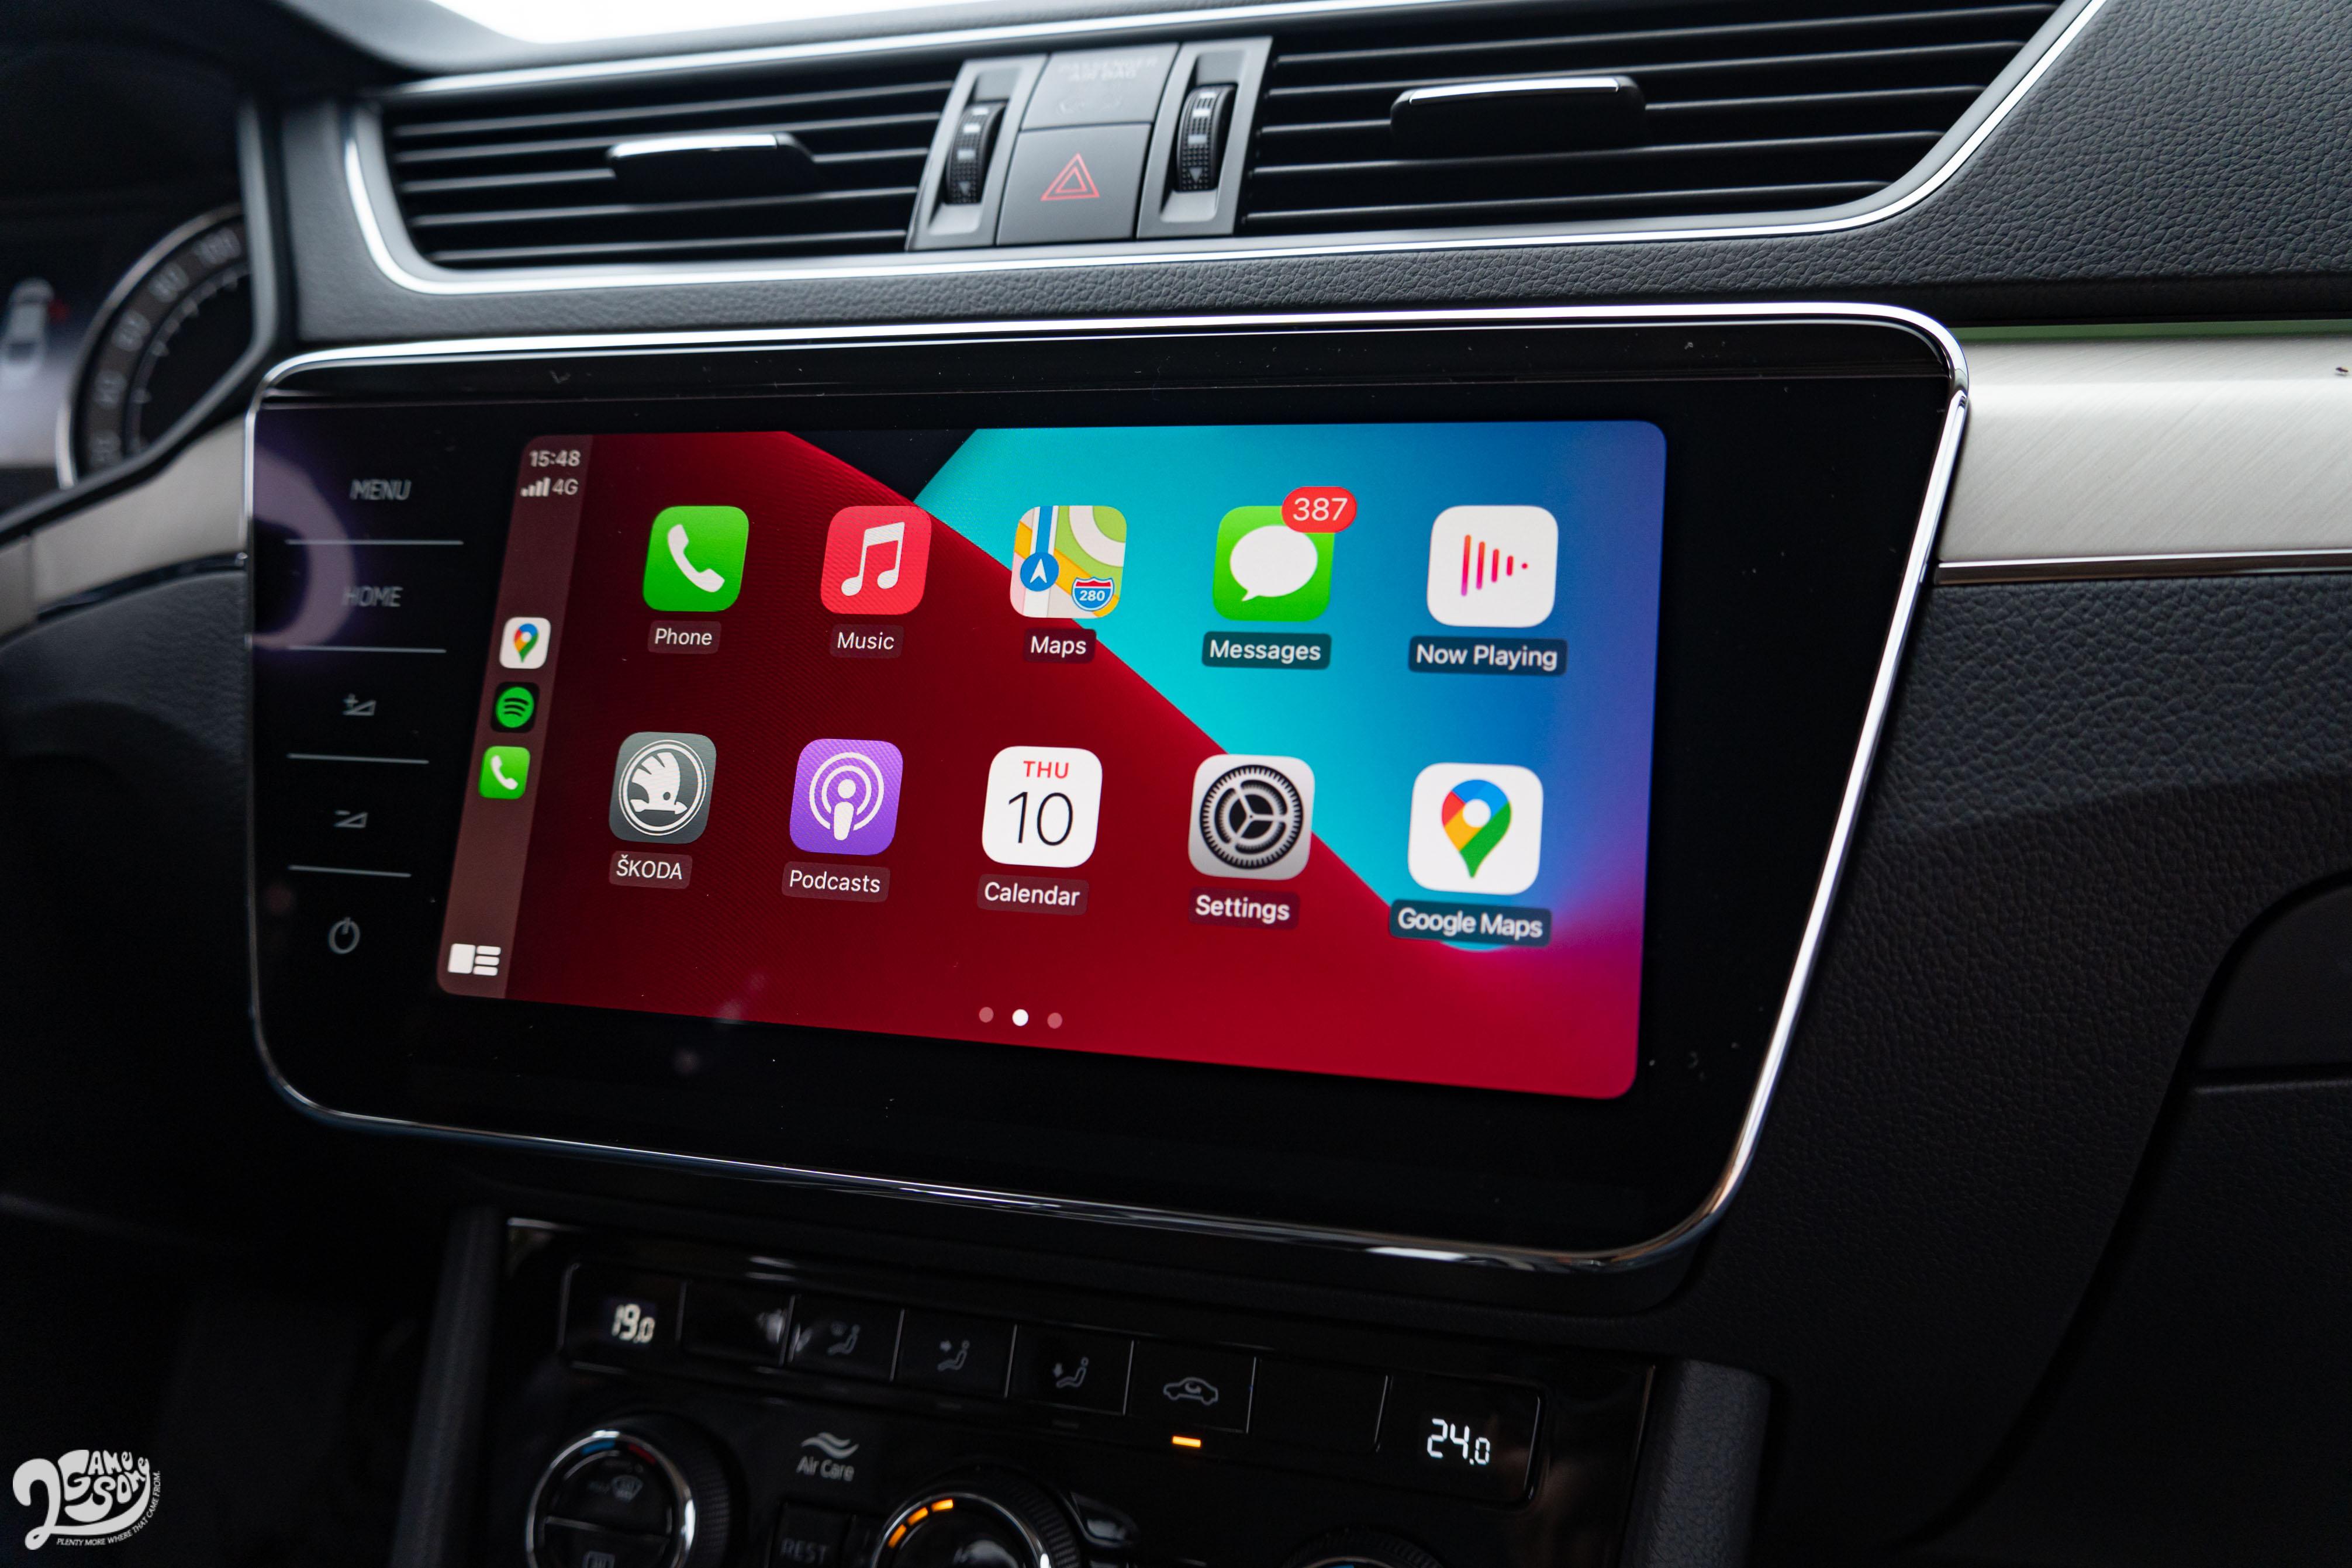 中央觸控螢幕支援 Apple CarPlay,原廠也正在為 Android Auto 申請 Google 授權,將來也可以透過回廠升級開通。